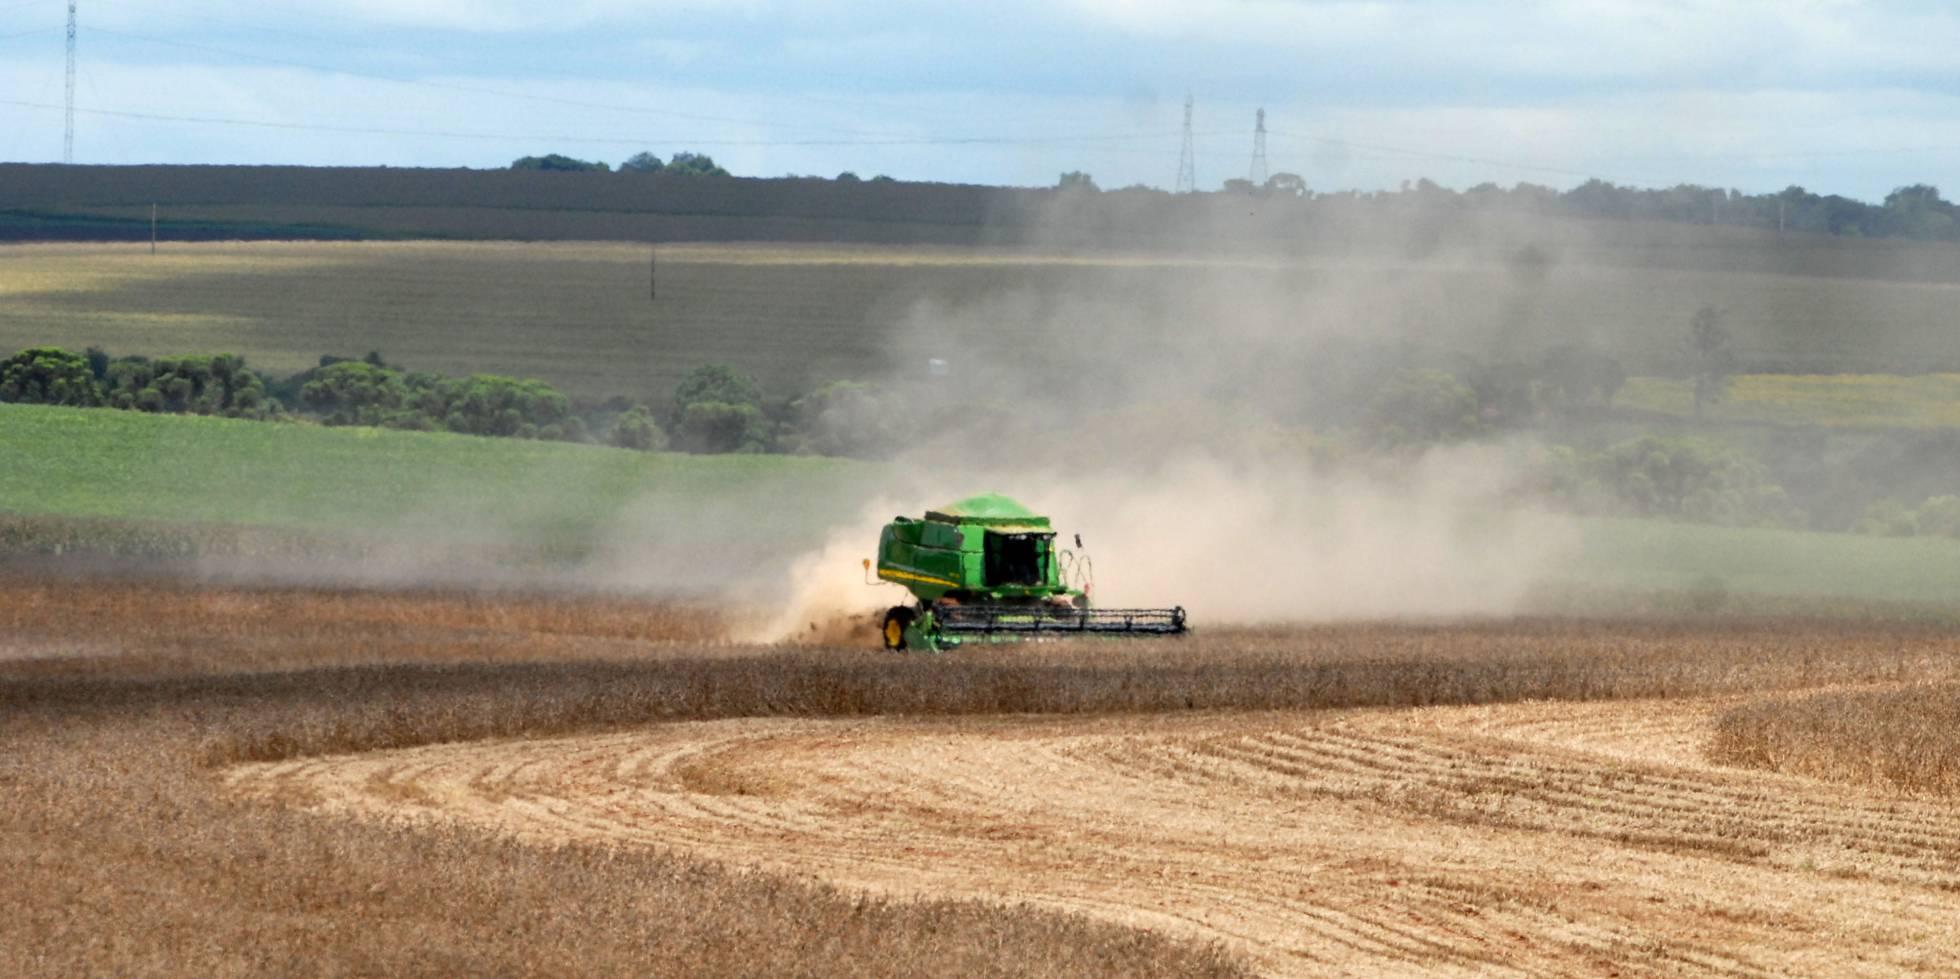 A operação para afrouxar ainda mais a lei de agrotóxicos no Brasil, na contramão do mundo